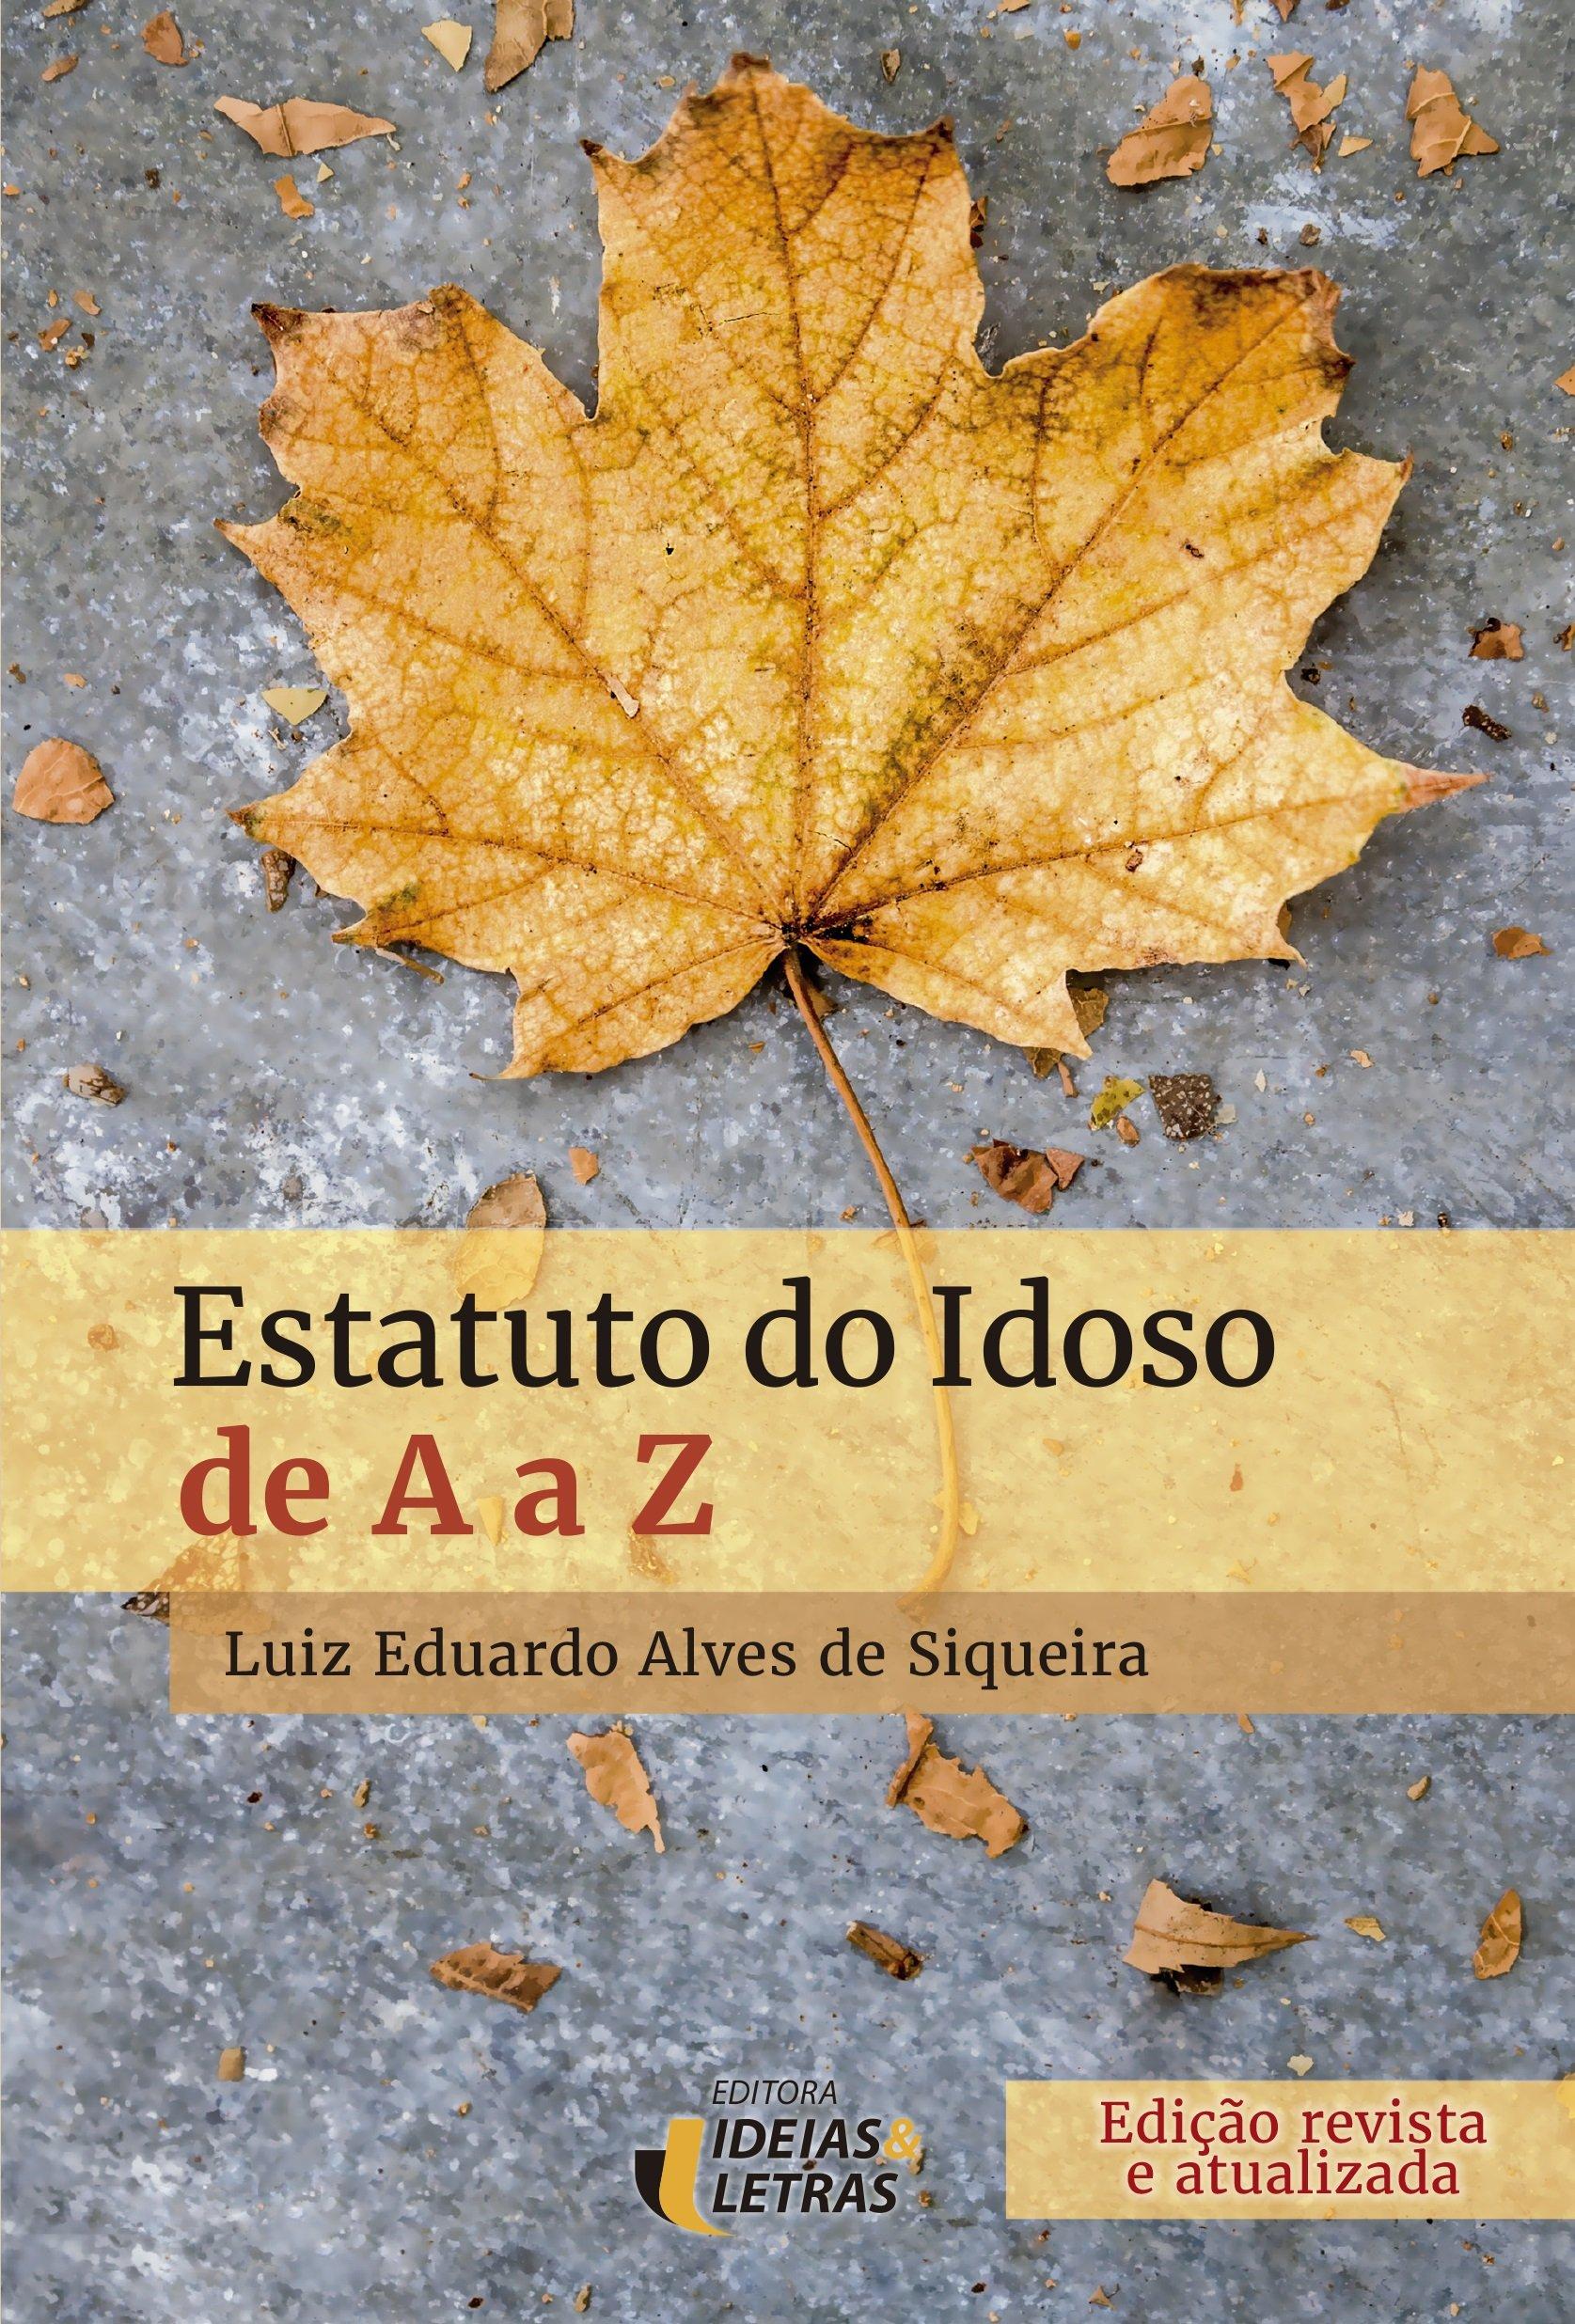 Estatuto do Idoso de A a Z - 9788598239064 - Livros na Amazon Brasil d15301255339a